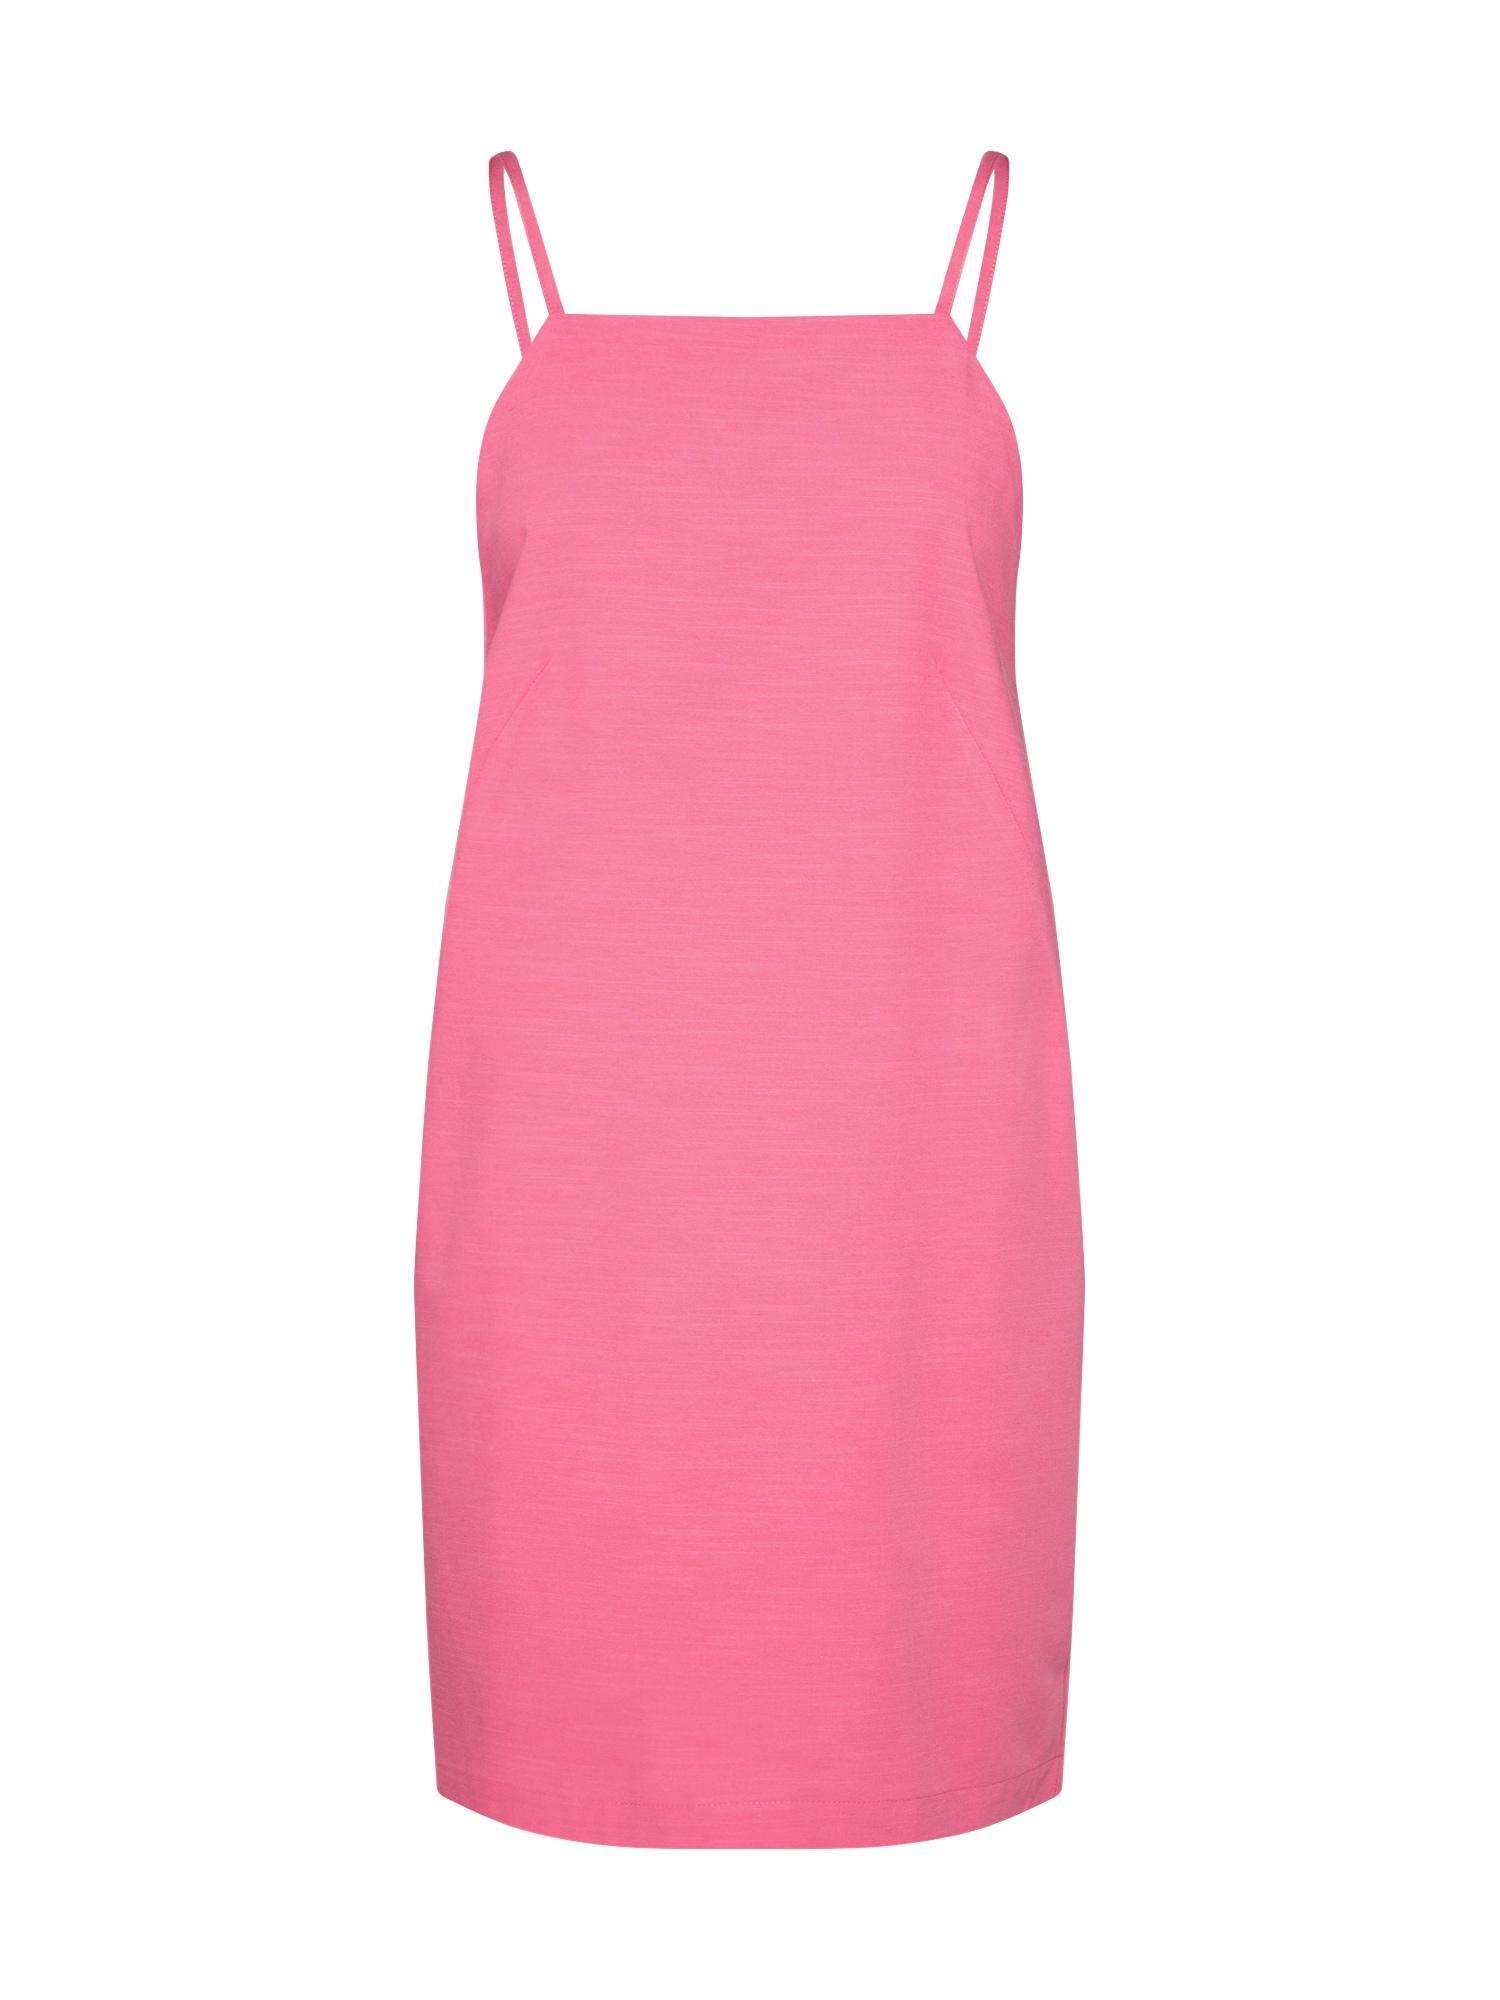 Plážové šaty Mira pink EDITED